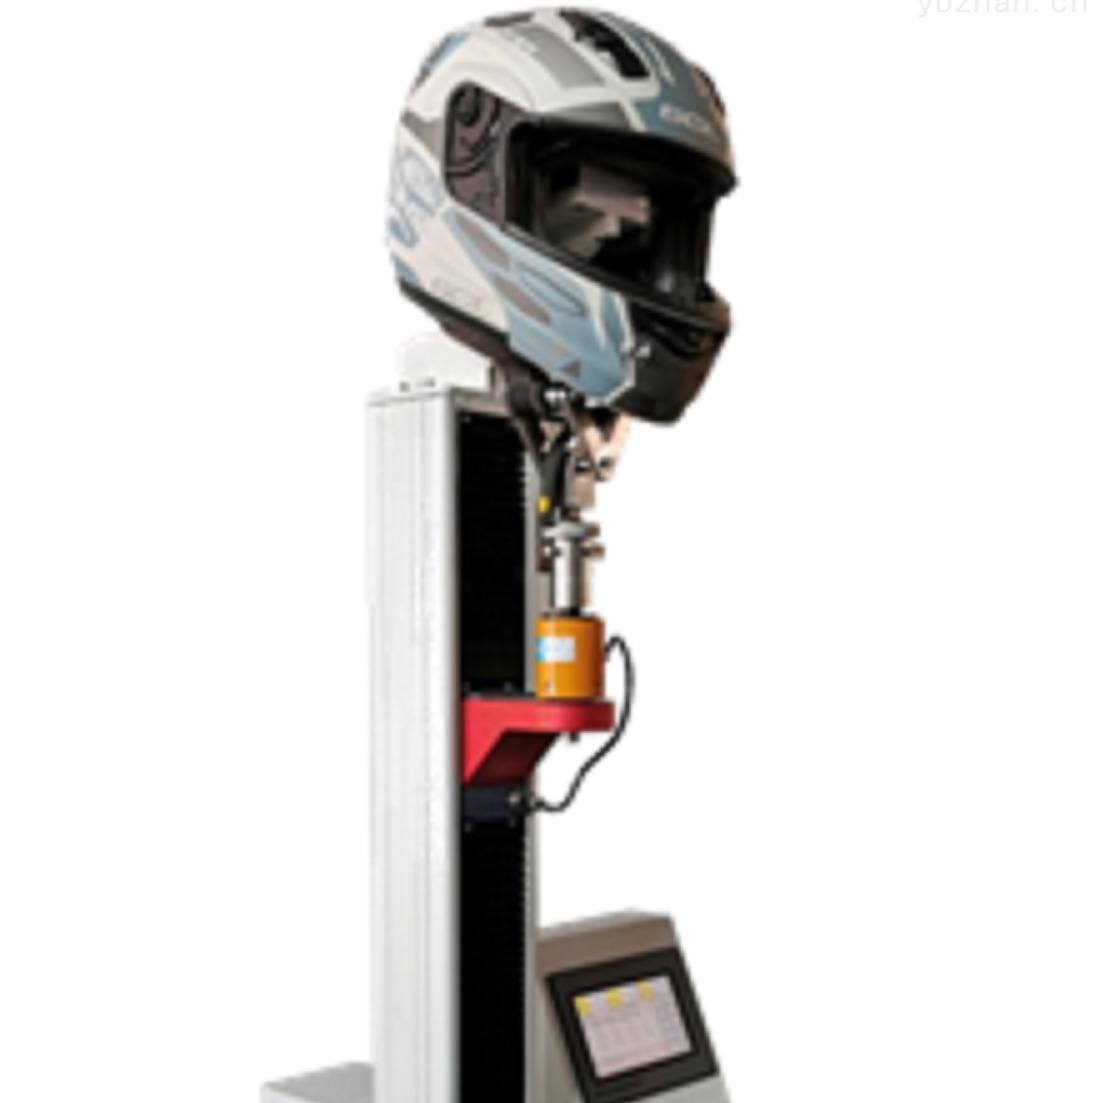 摩托车头盔绑带拉伸试验机(静态)